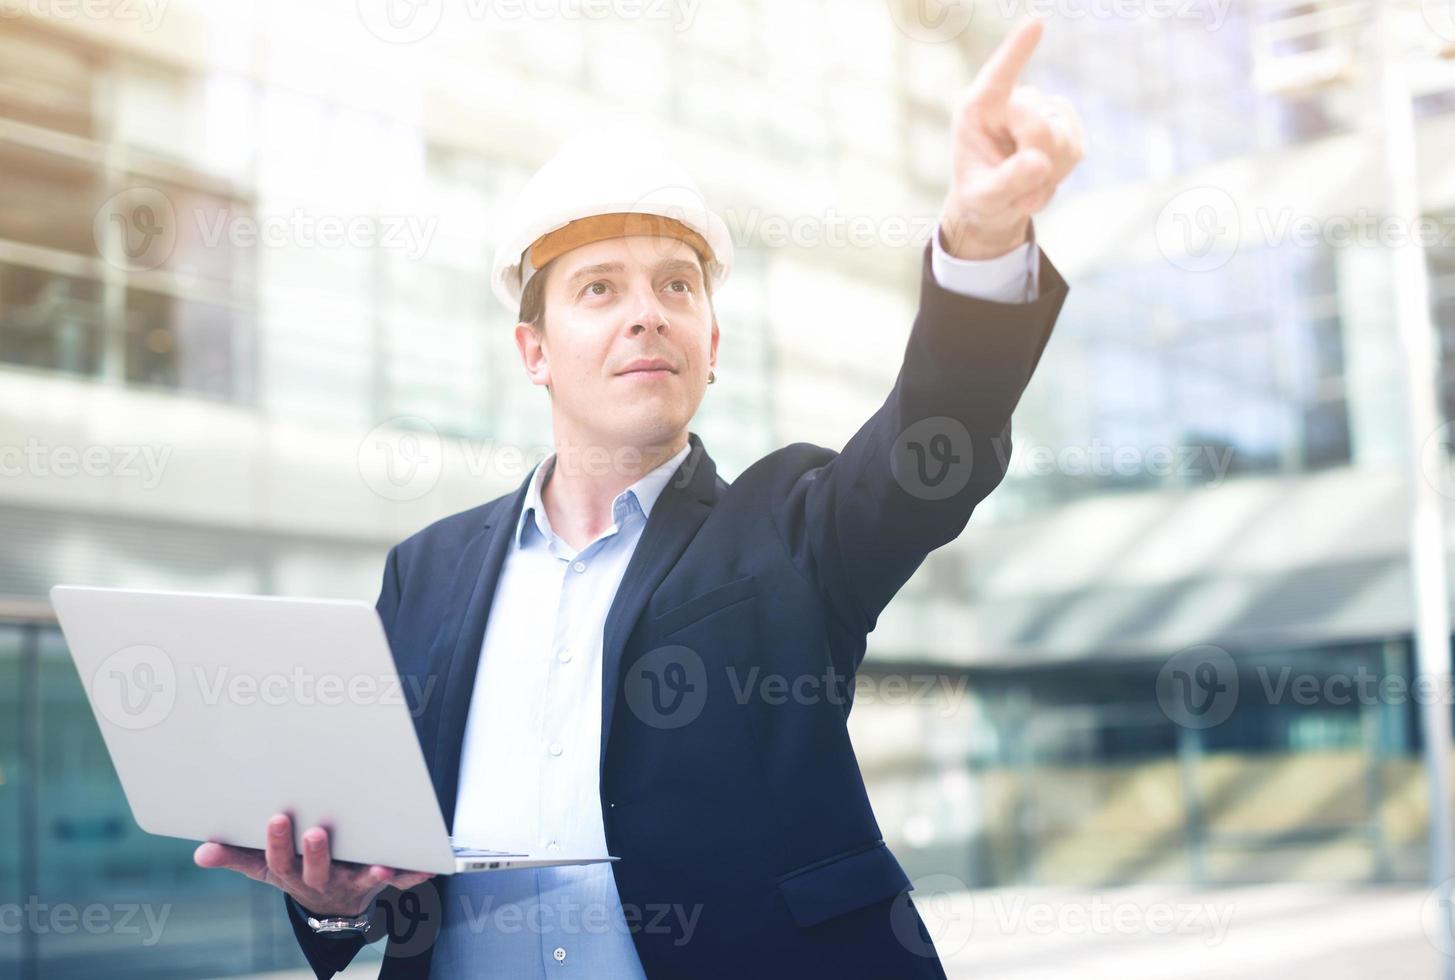 professioneller Arbeiter zeigt mit dem Finger auf das Objekt foto